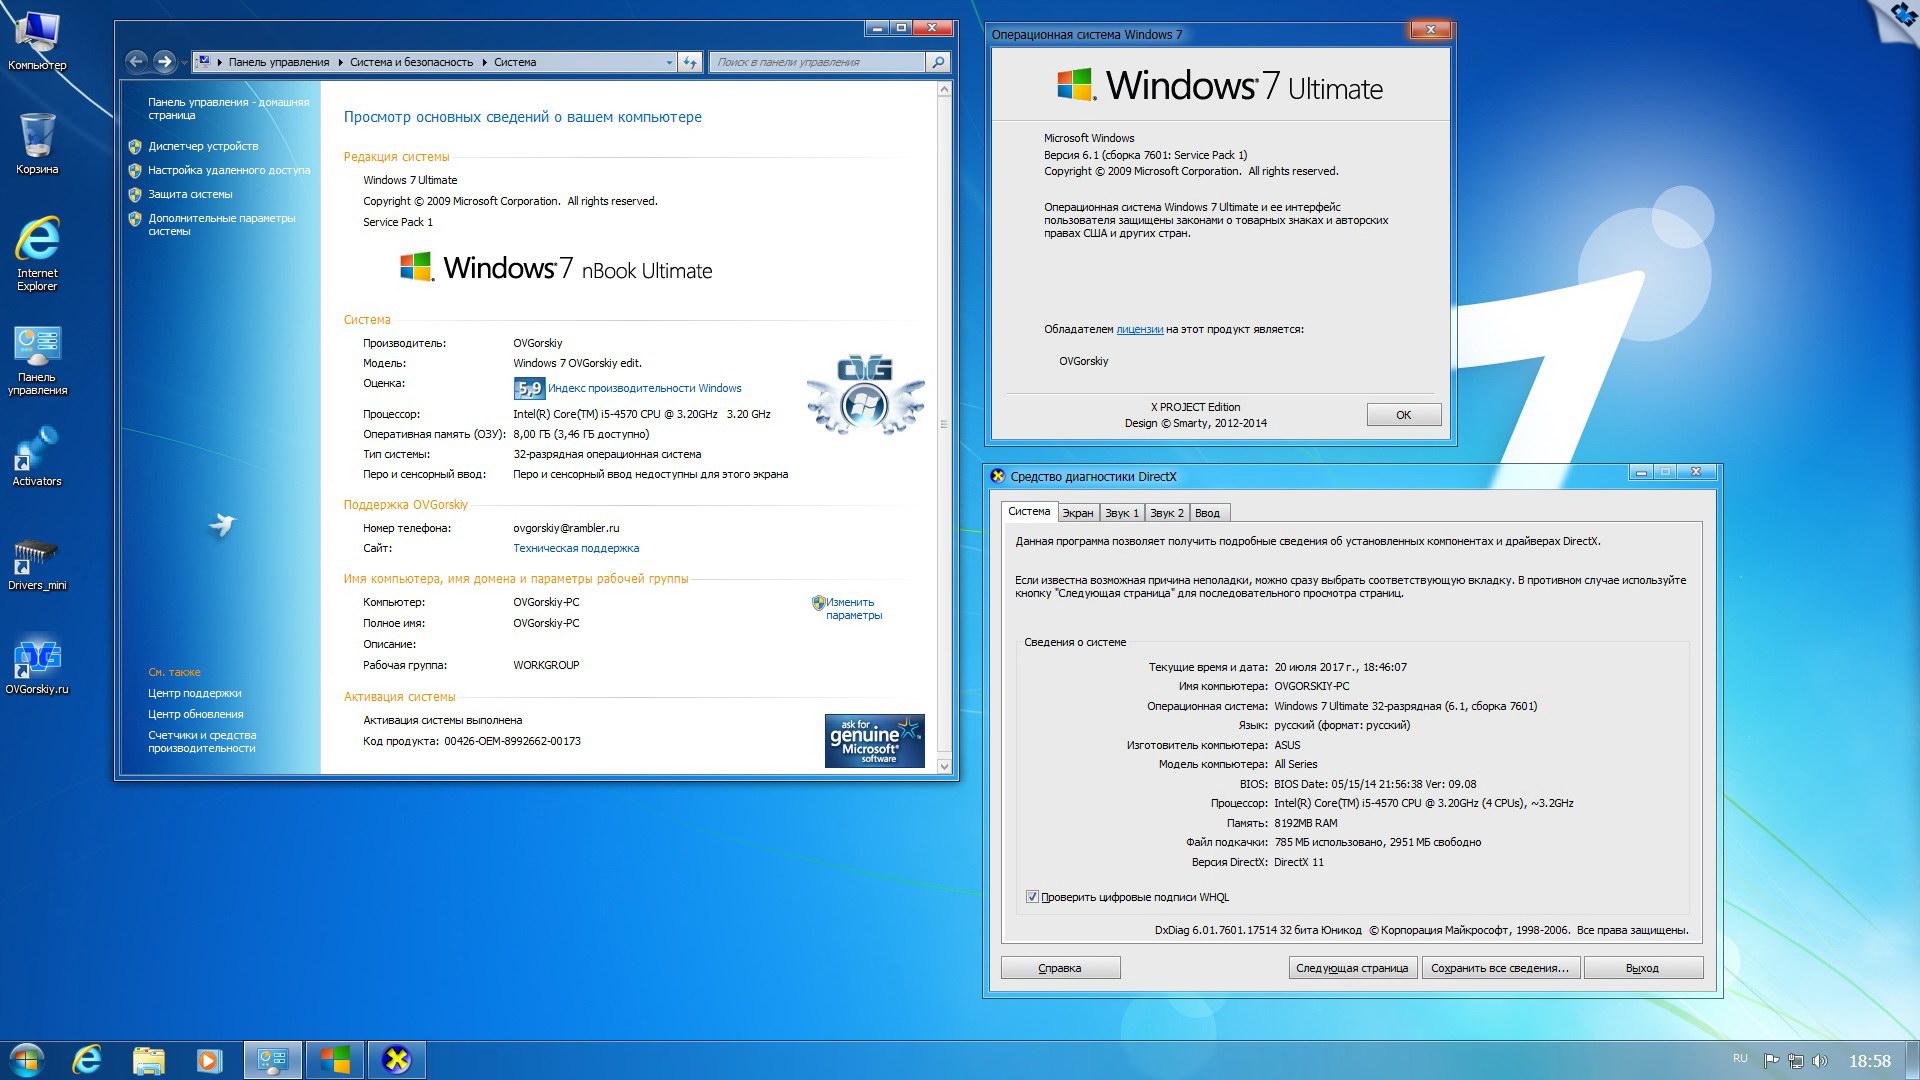 Сборка windows 7 для флешки скачать торрент